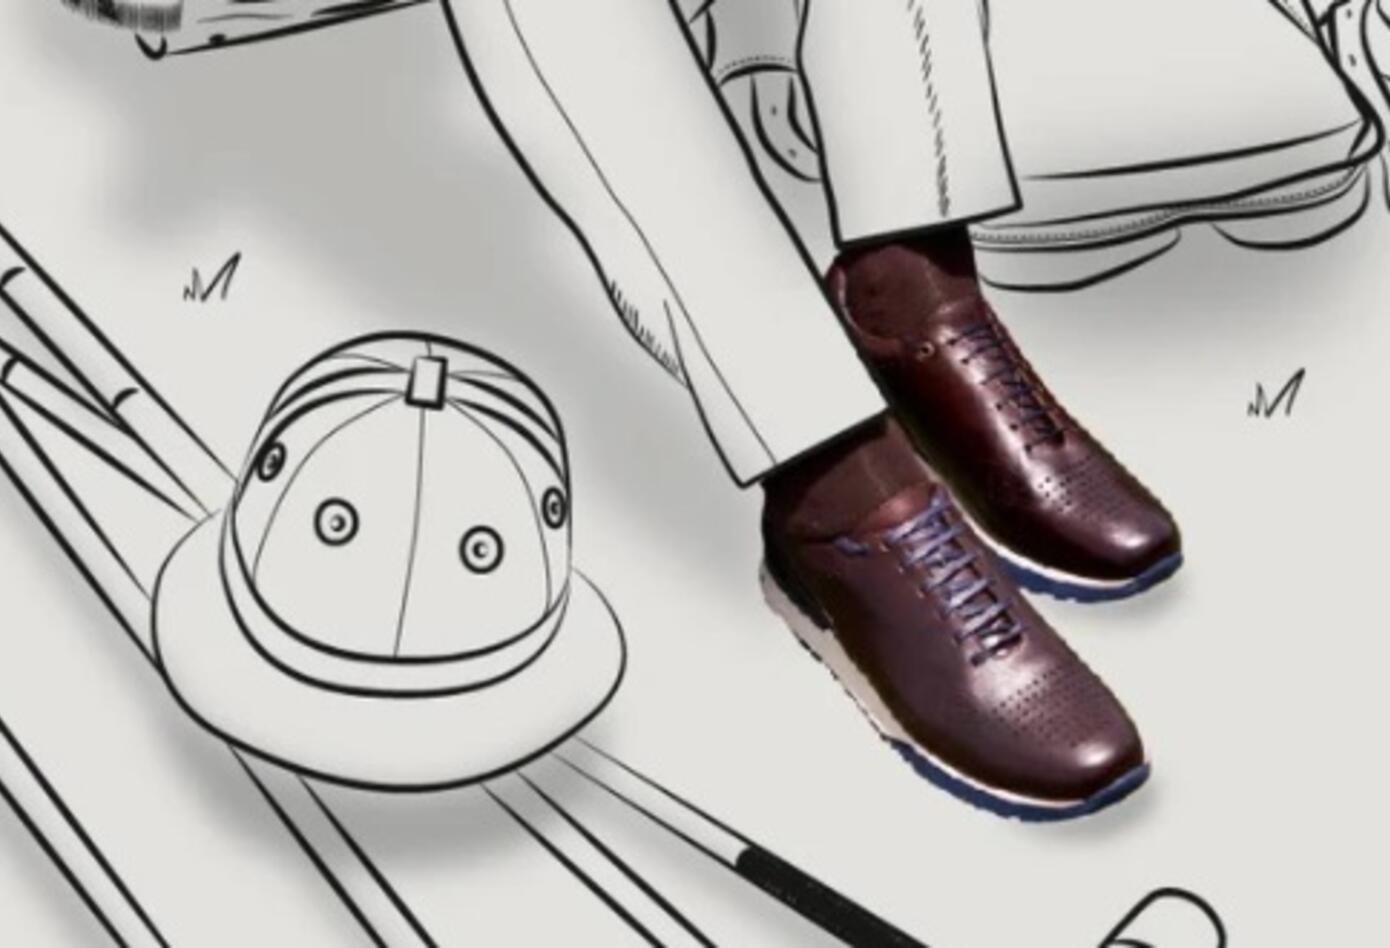 Zapatos artesanales 1